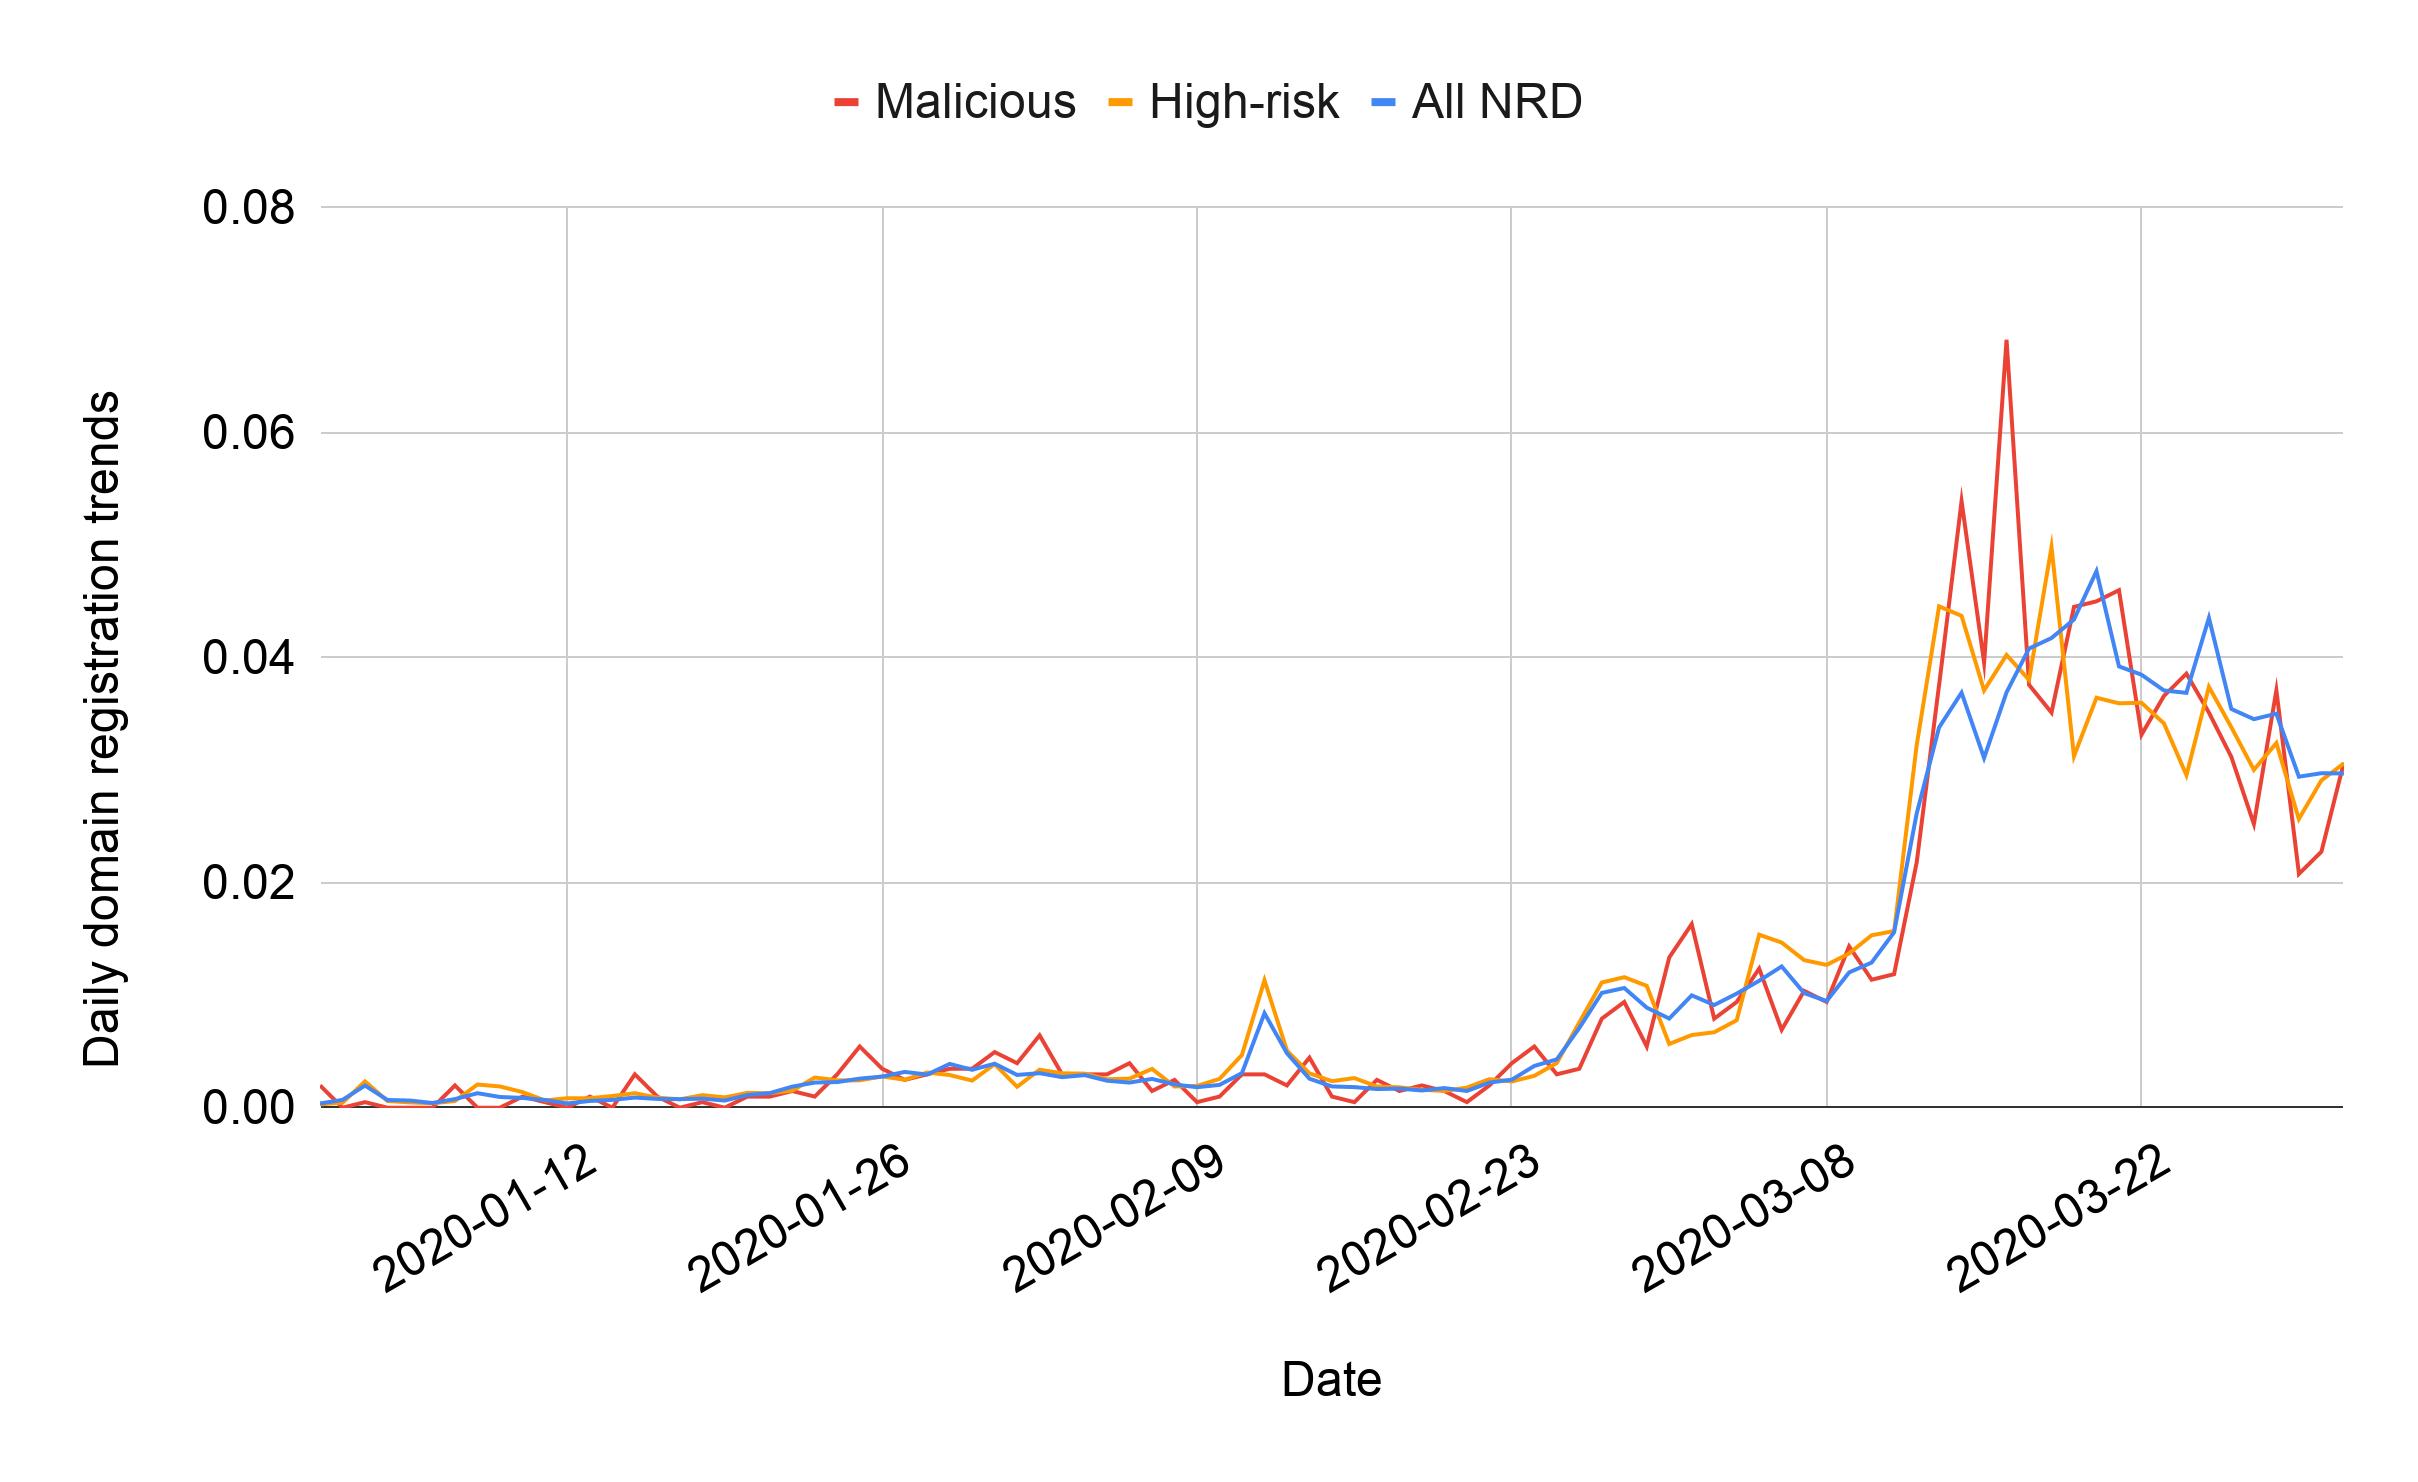 図3 ⽇ごとのコロナウイルス関連ドメインの登録傾向(横軸は日時、縦軸は該当日に検出された全NRDを1(=100%)とした場合に各カテゴリのNRDが占める割合(0.01=1%))